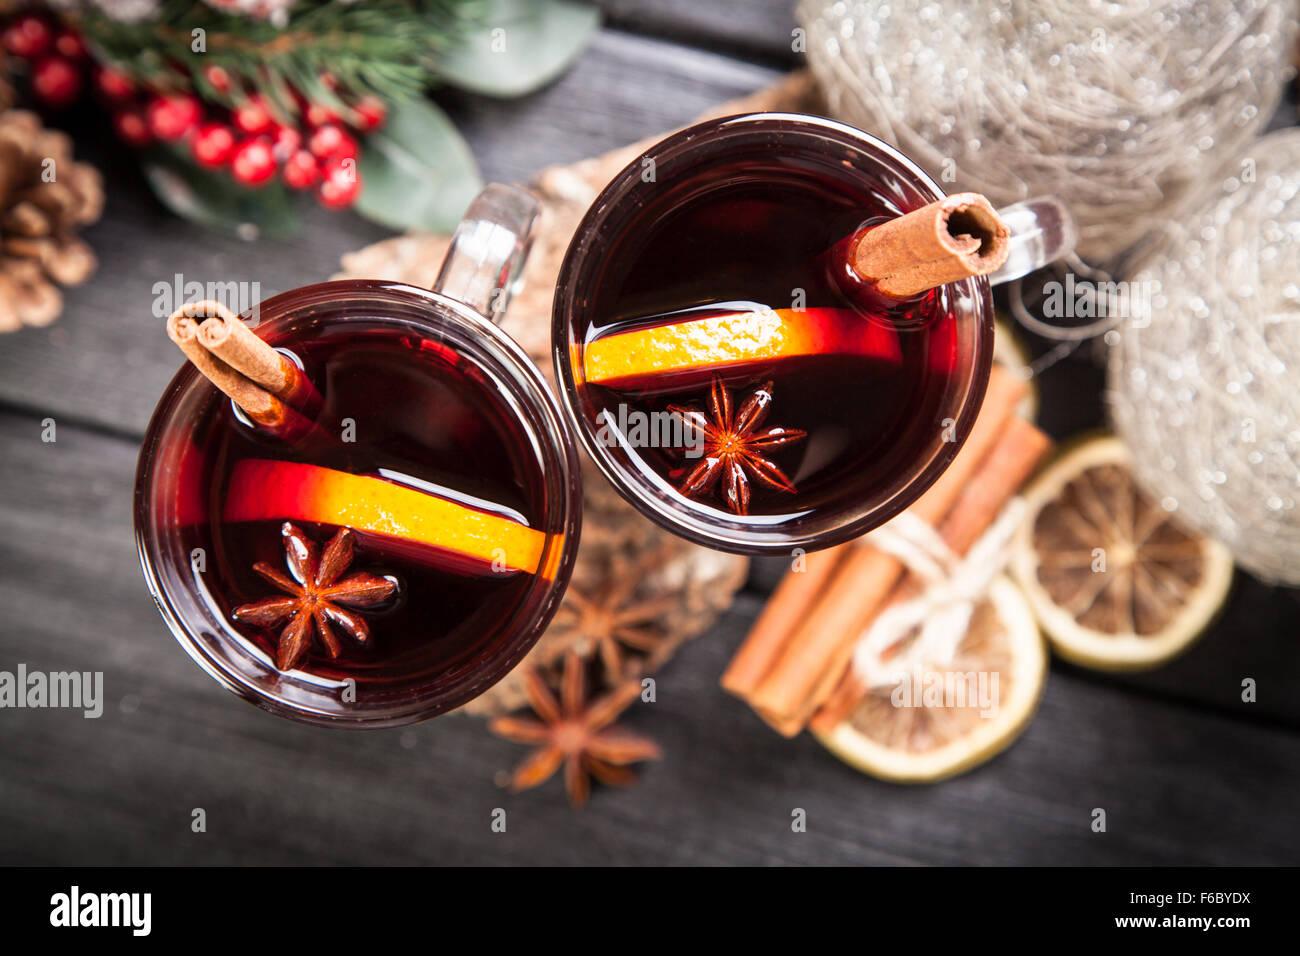 Vino caliente con canela y naranja Imagen De Stock